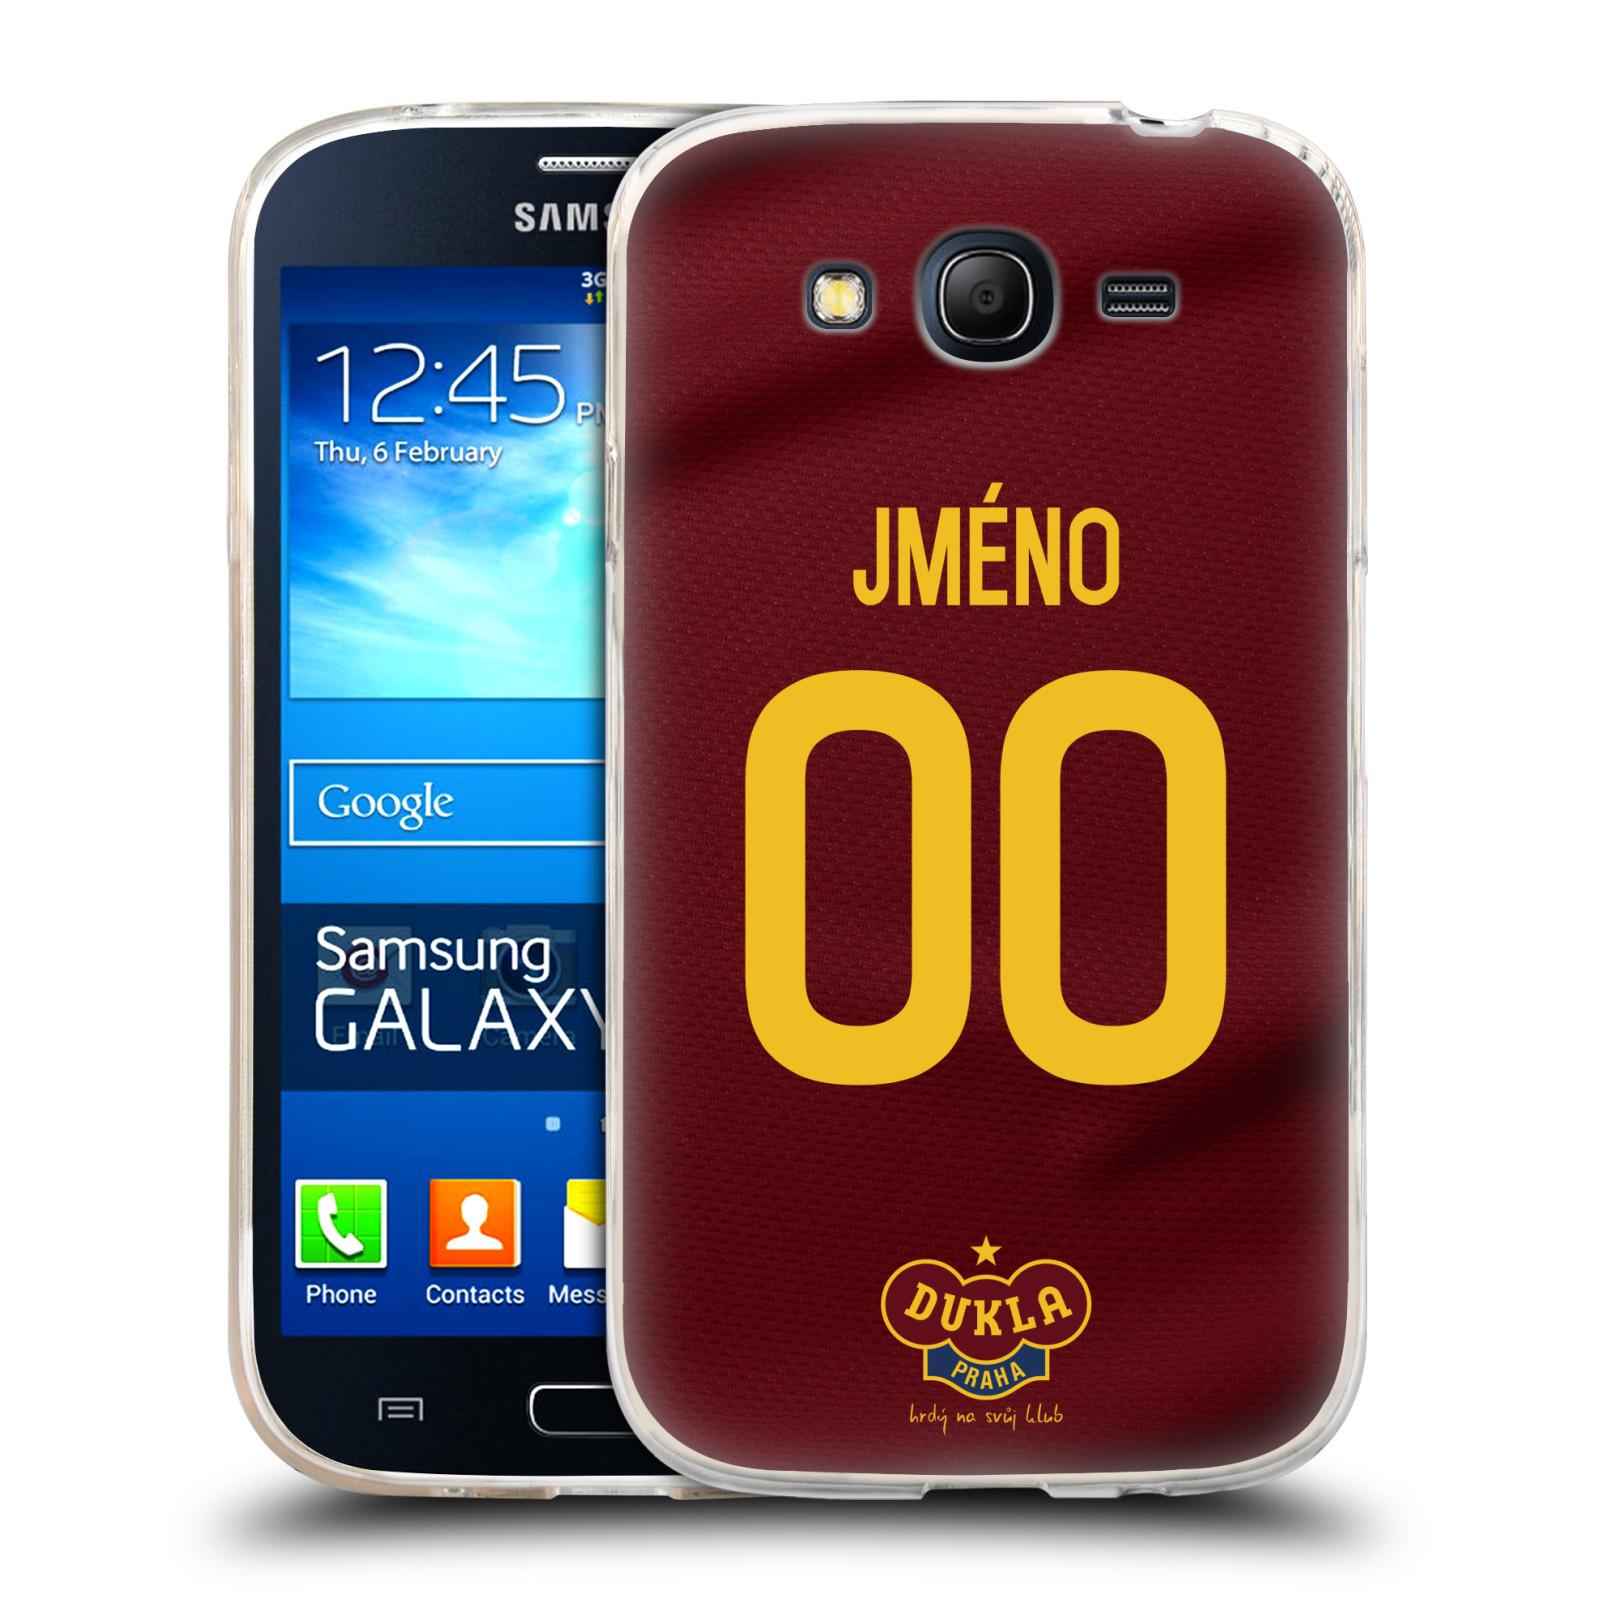 Silikonové pouzdro na mobil Samsung Galaxy Grand Neo Plus - FK Dukla Praha - dres s vlastním jménem a číslem